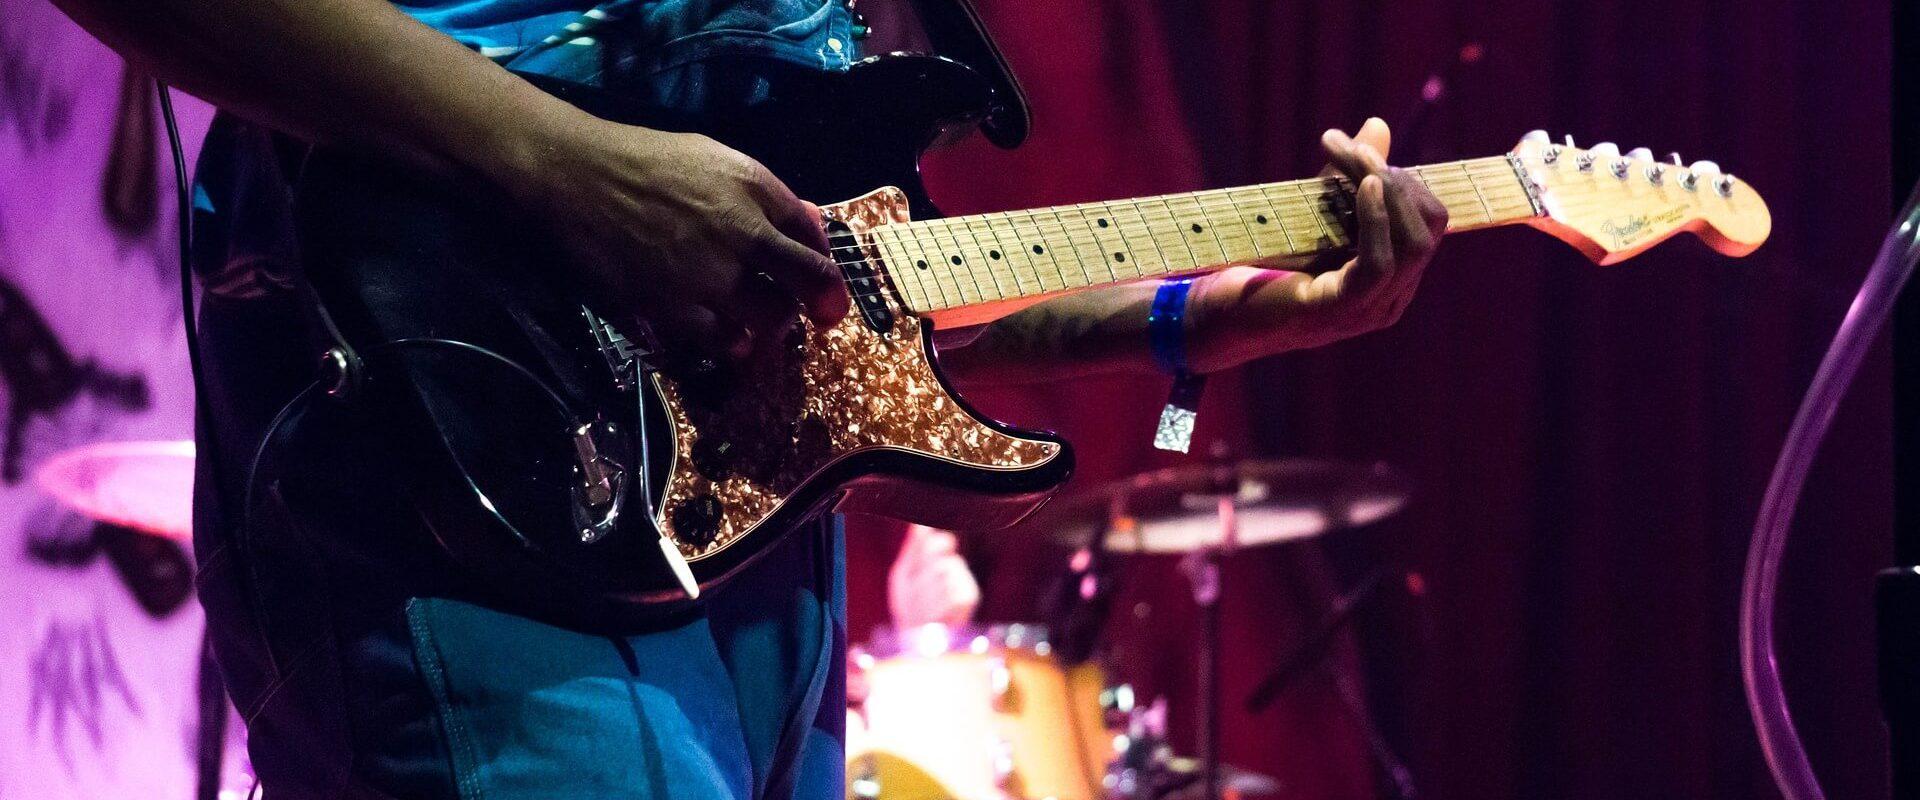 גיטרות חשמליות בדגמים בלעדיים